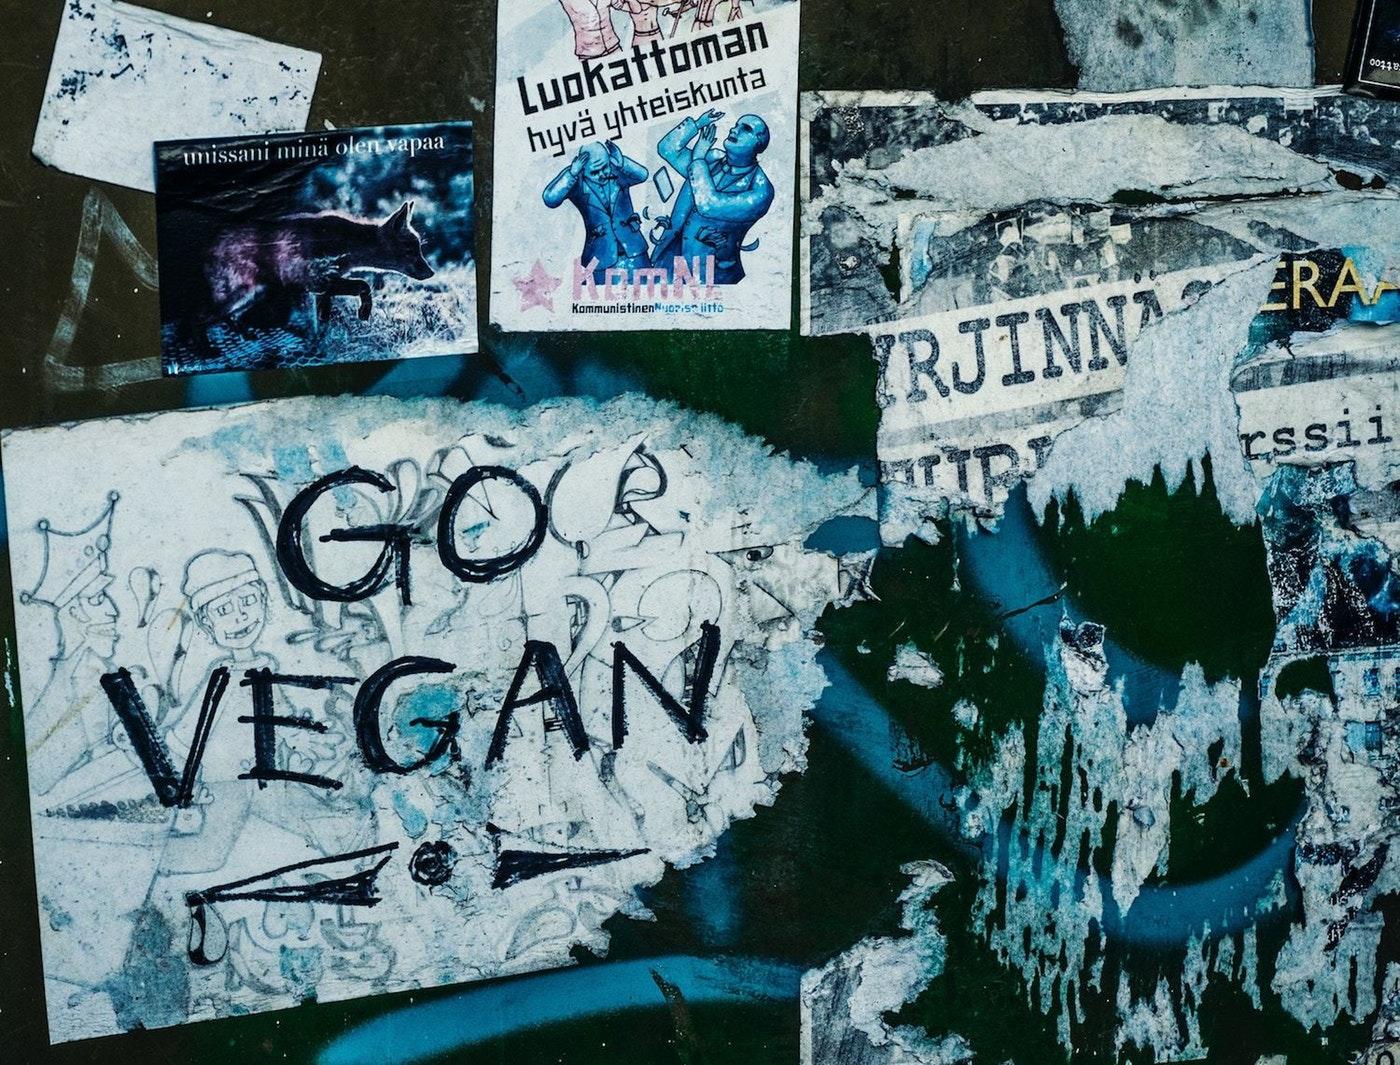 Plant Based Vegan Propoganda